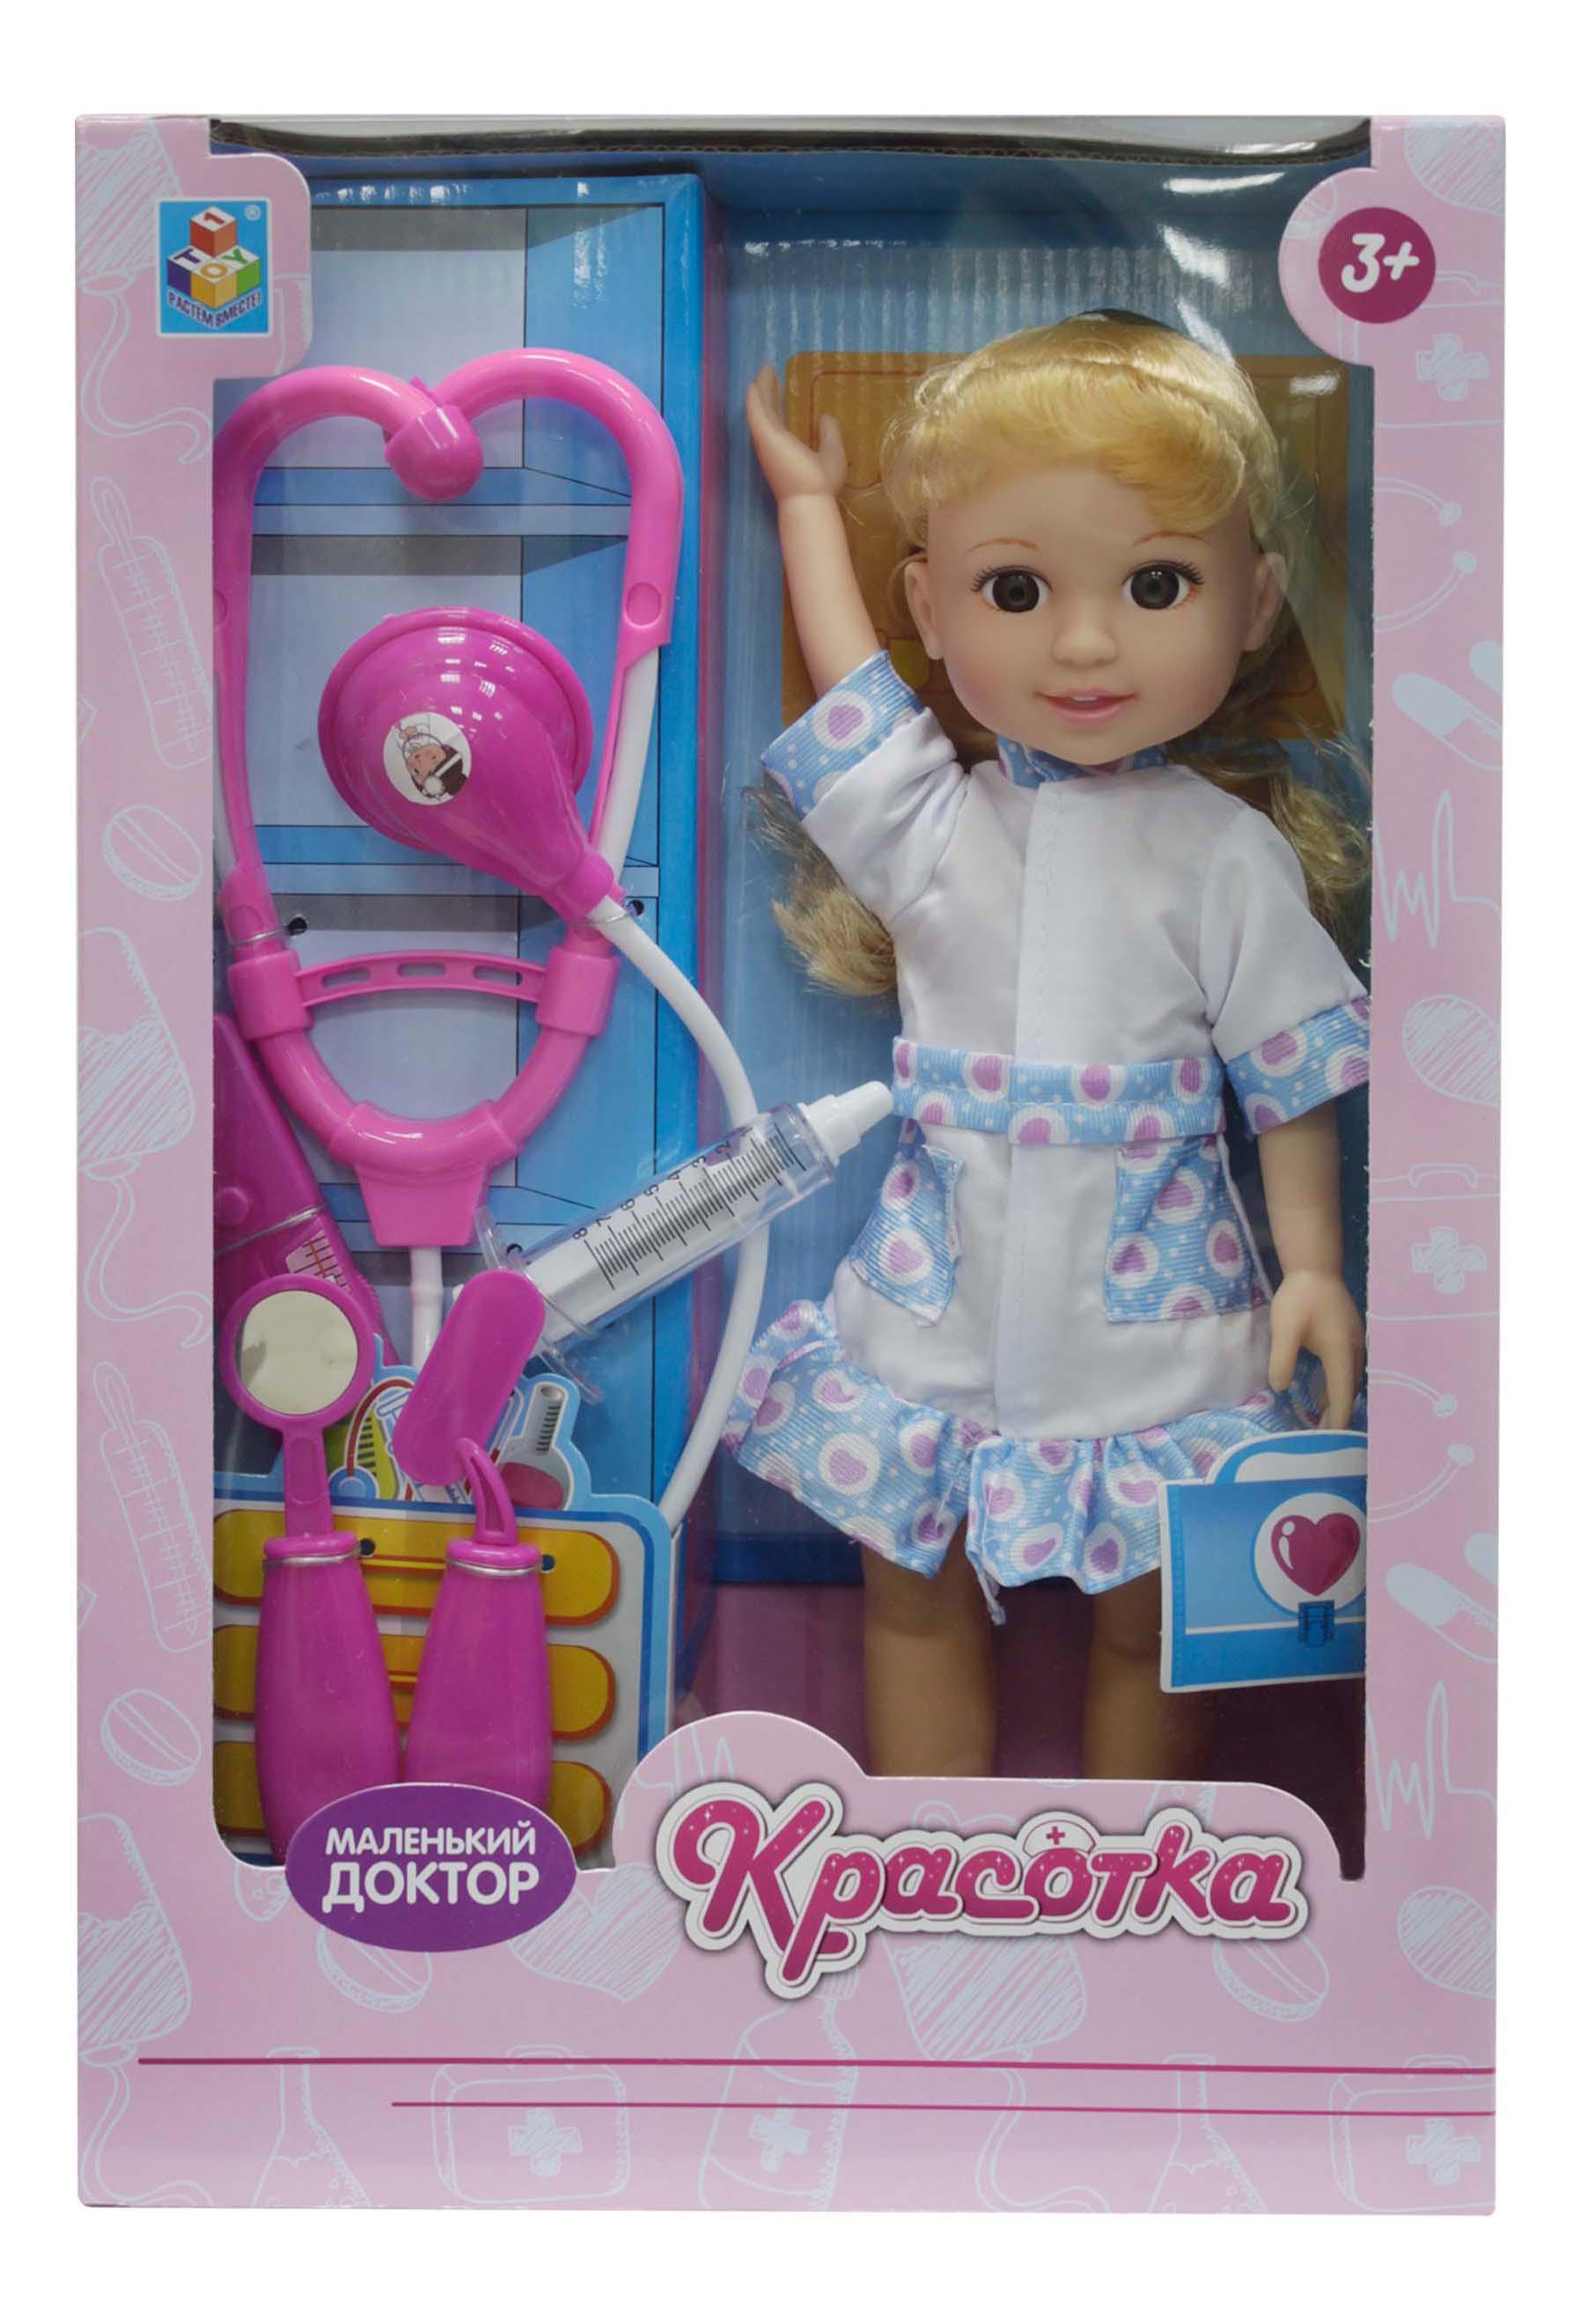 Кукла красотка маленький доктор блондинка с аксессуарами 1Toy т10284